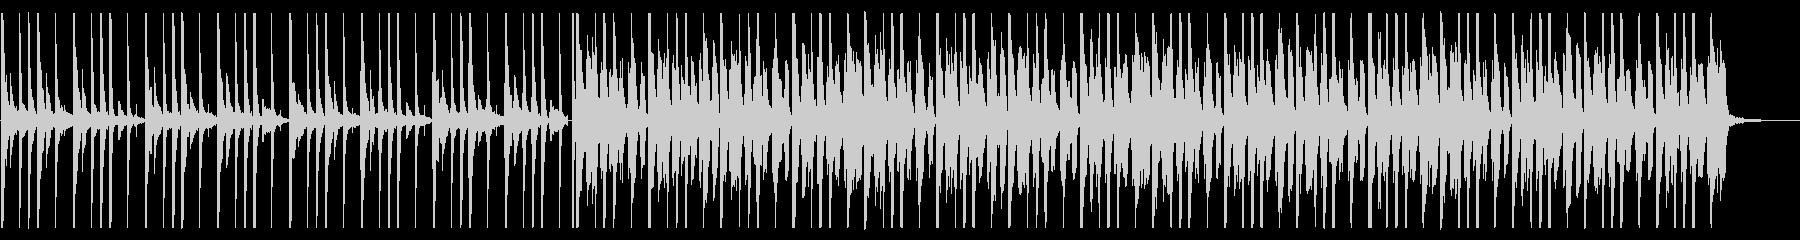 コミカルなファンク_No691_2の未再生の波形